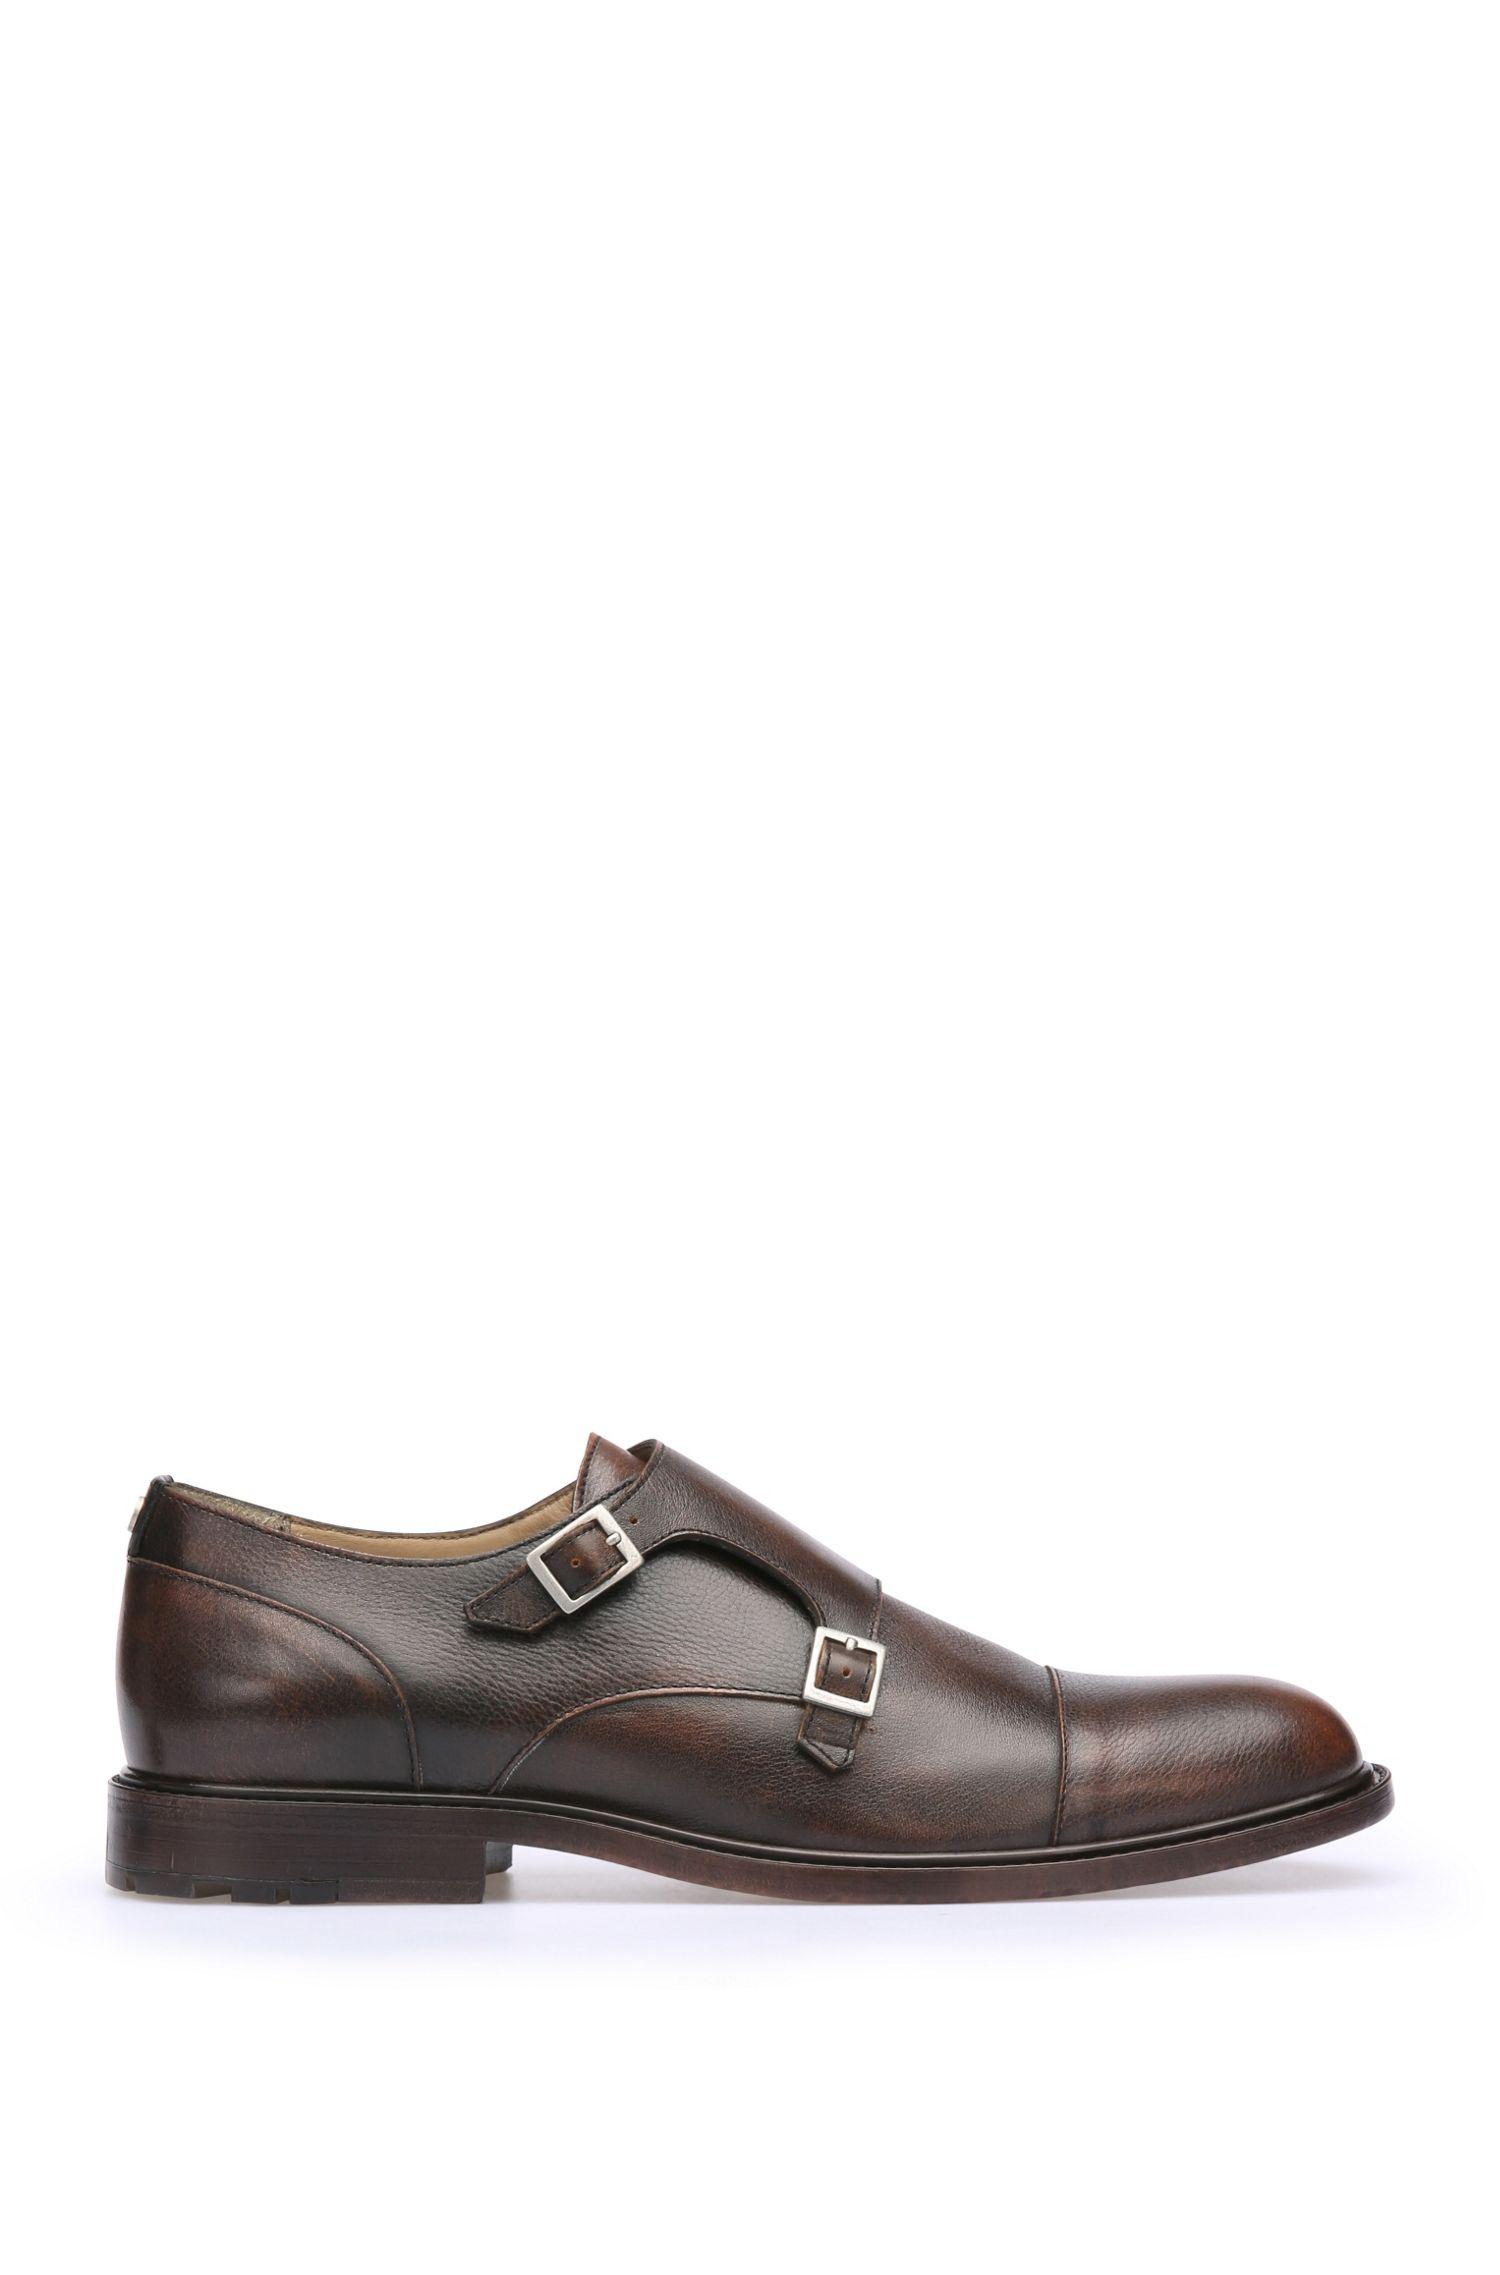 Zapatos monk de hebilla en piel con lujoso acabado usado: 'Cultroot_Monk_bo'